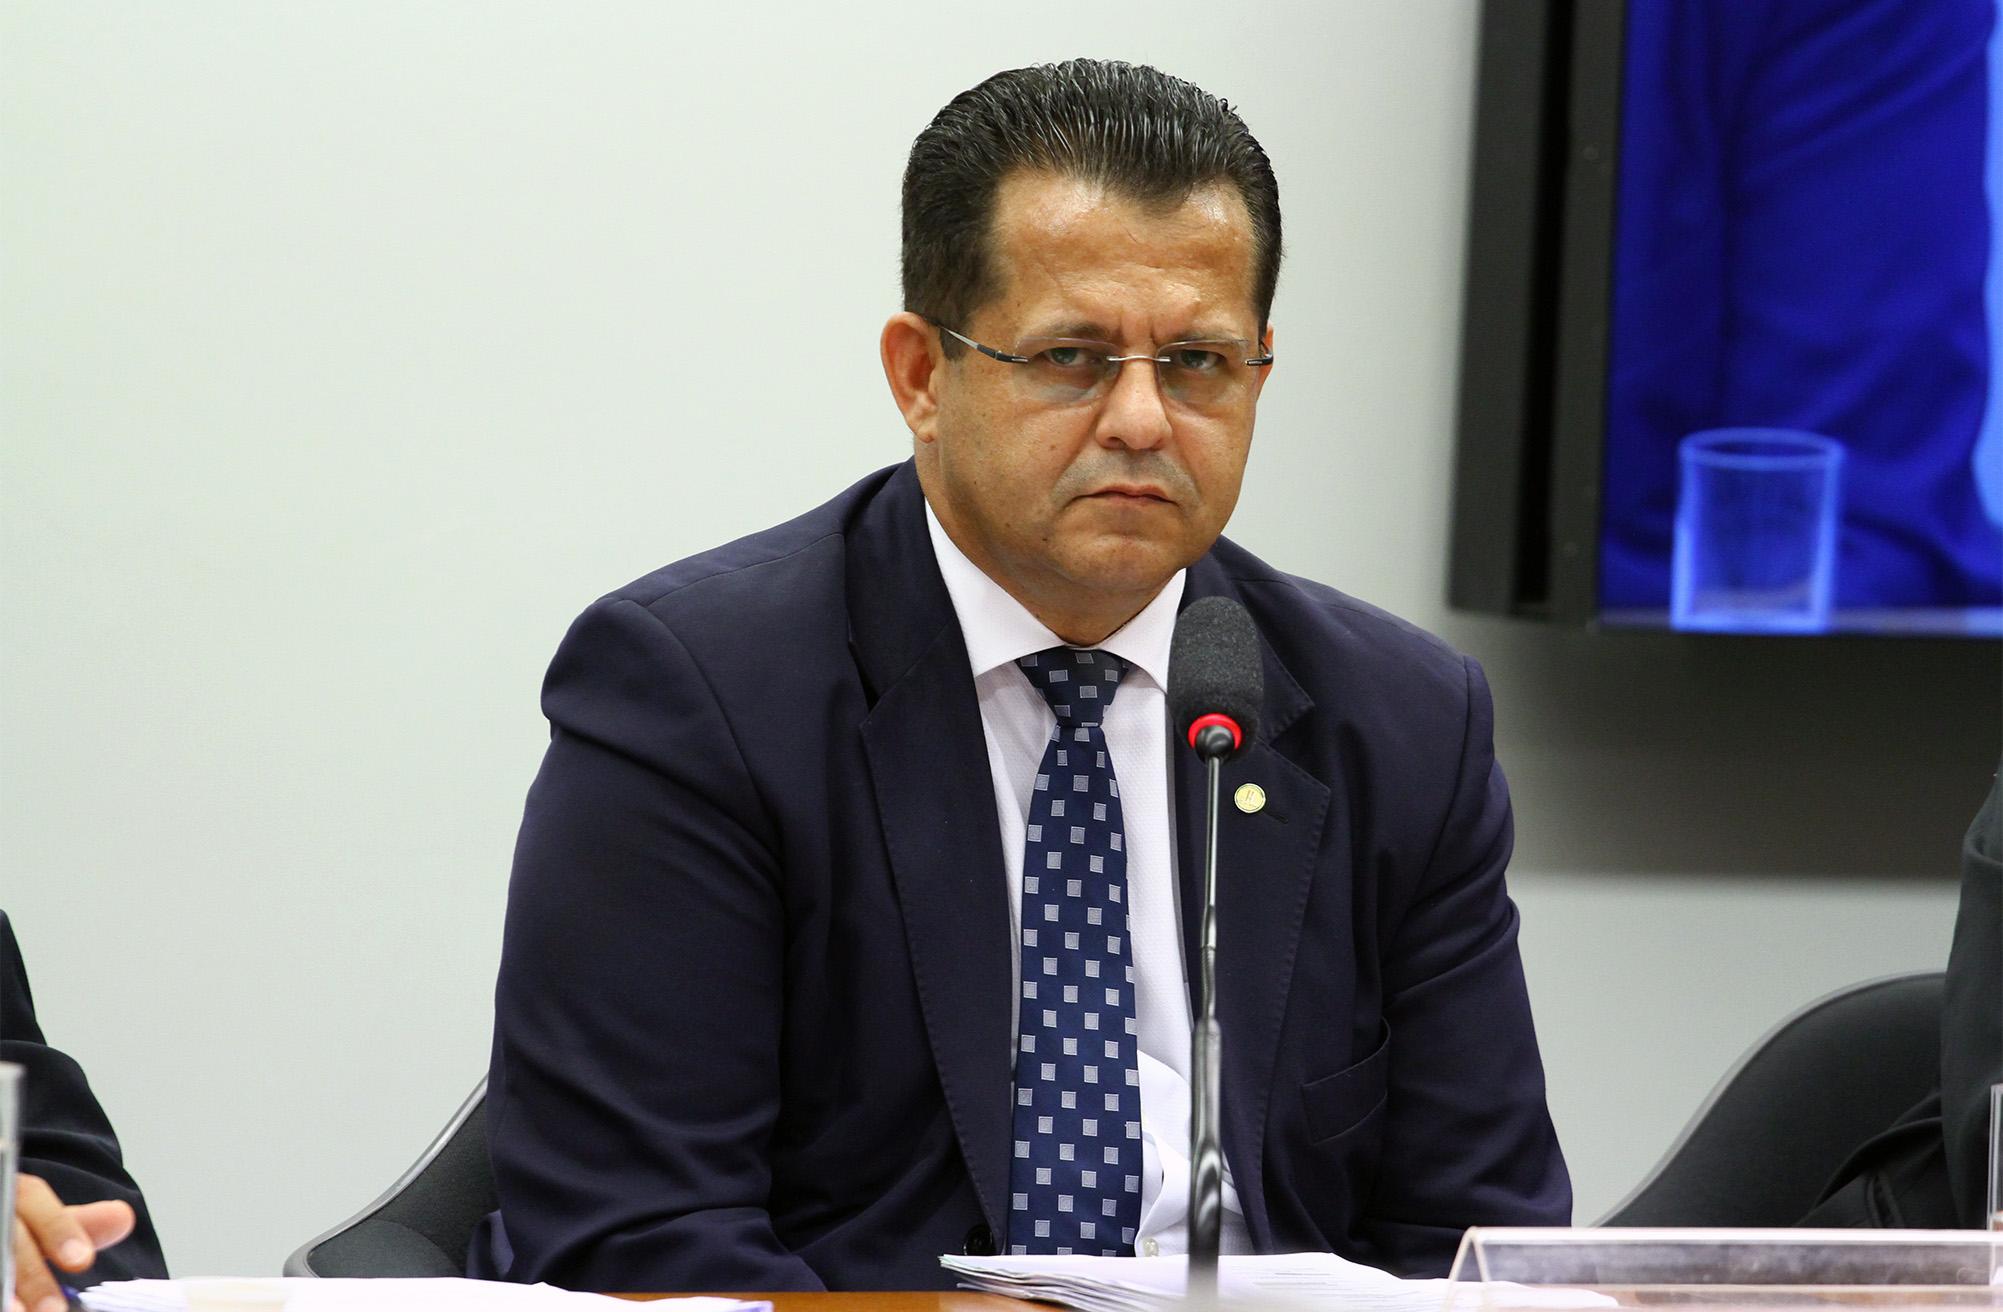 Reunião ordinária. Dep. Valtenir Pereira (MDB - MT)